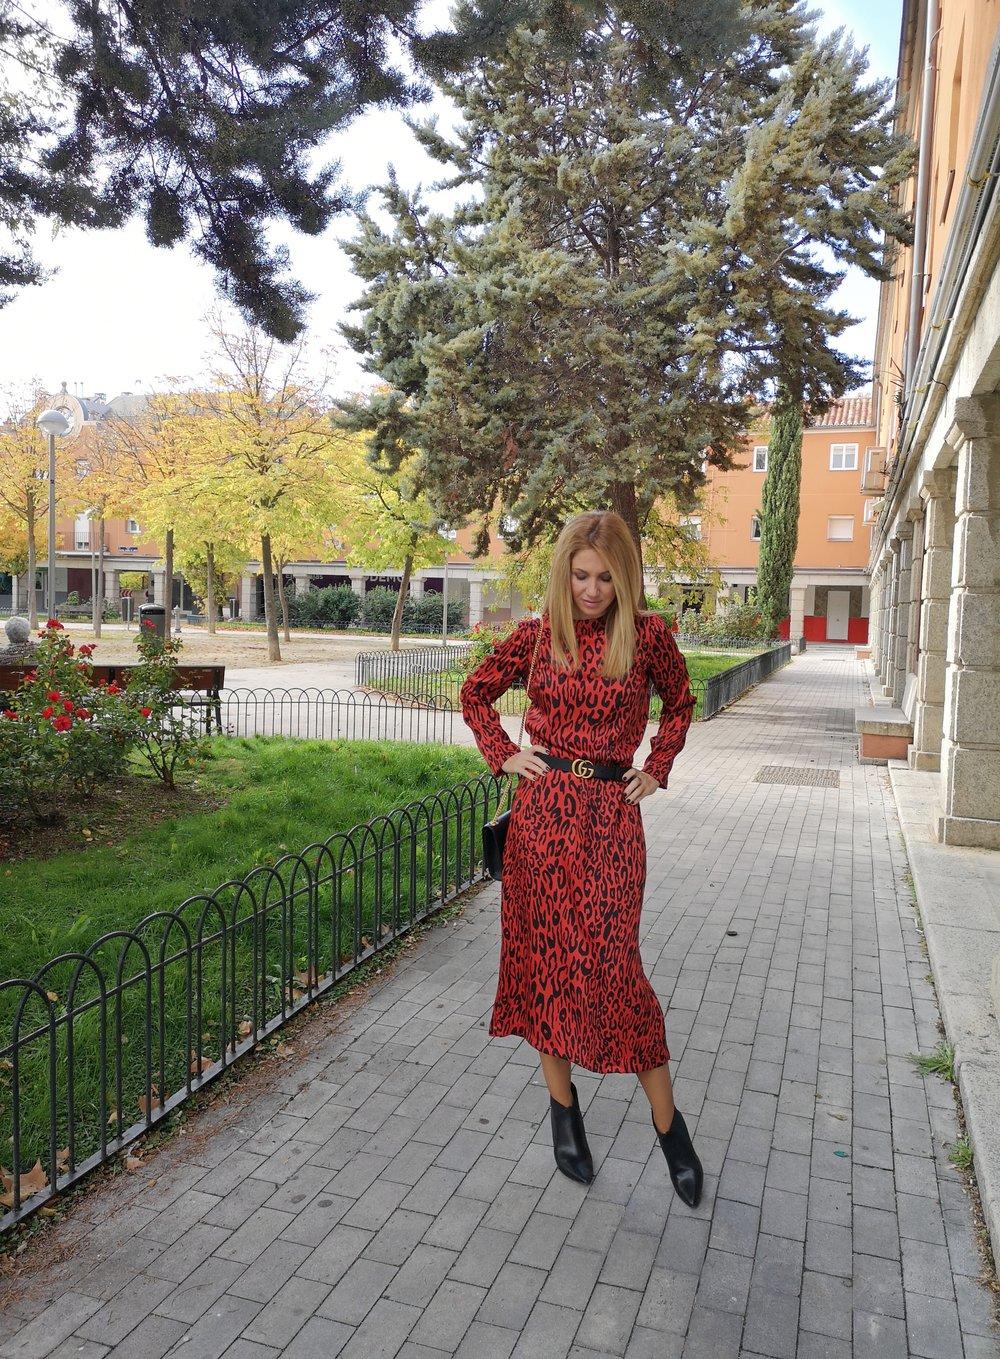 OUTFIT DETAILS: Dress: ZARA (Au/W '18); Ankle boots: PEDRO MIRALLES; Belt: GUCCI; Bag: YVES SAINT LAURENT;